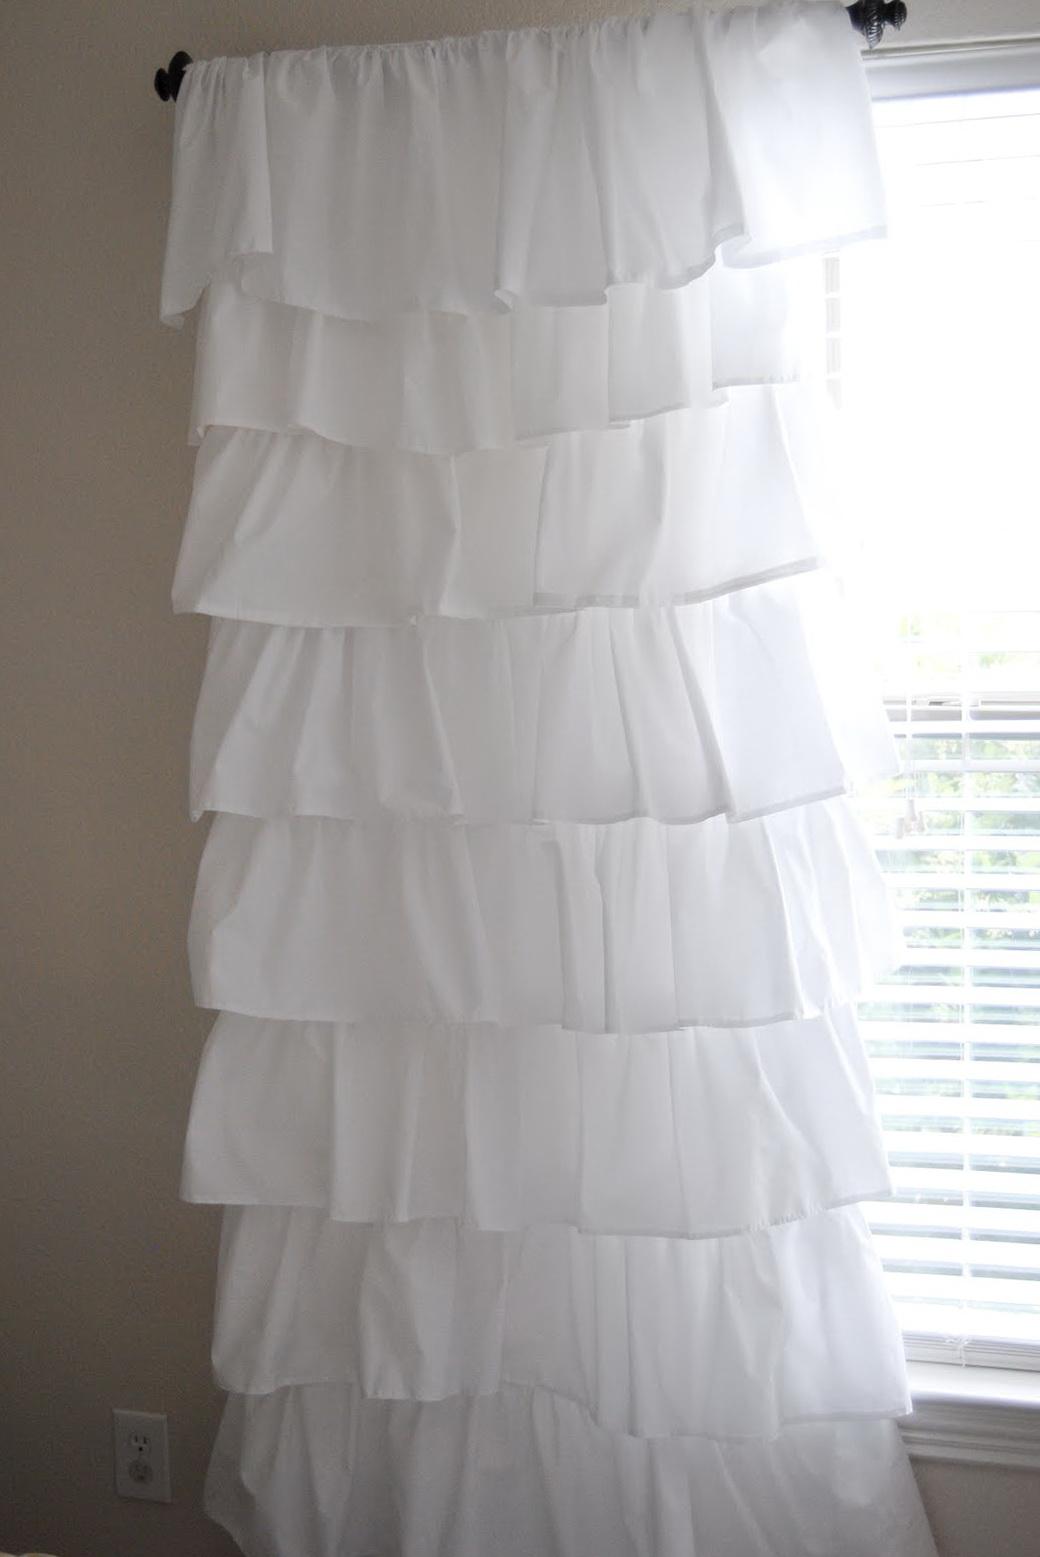 White Ruffle Curtain Panels 96 Home Design Ideas